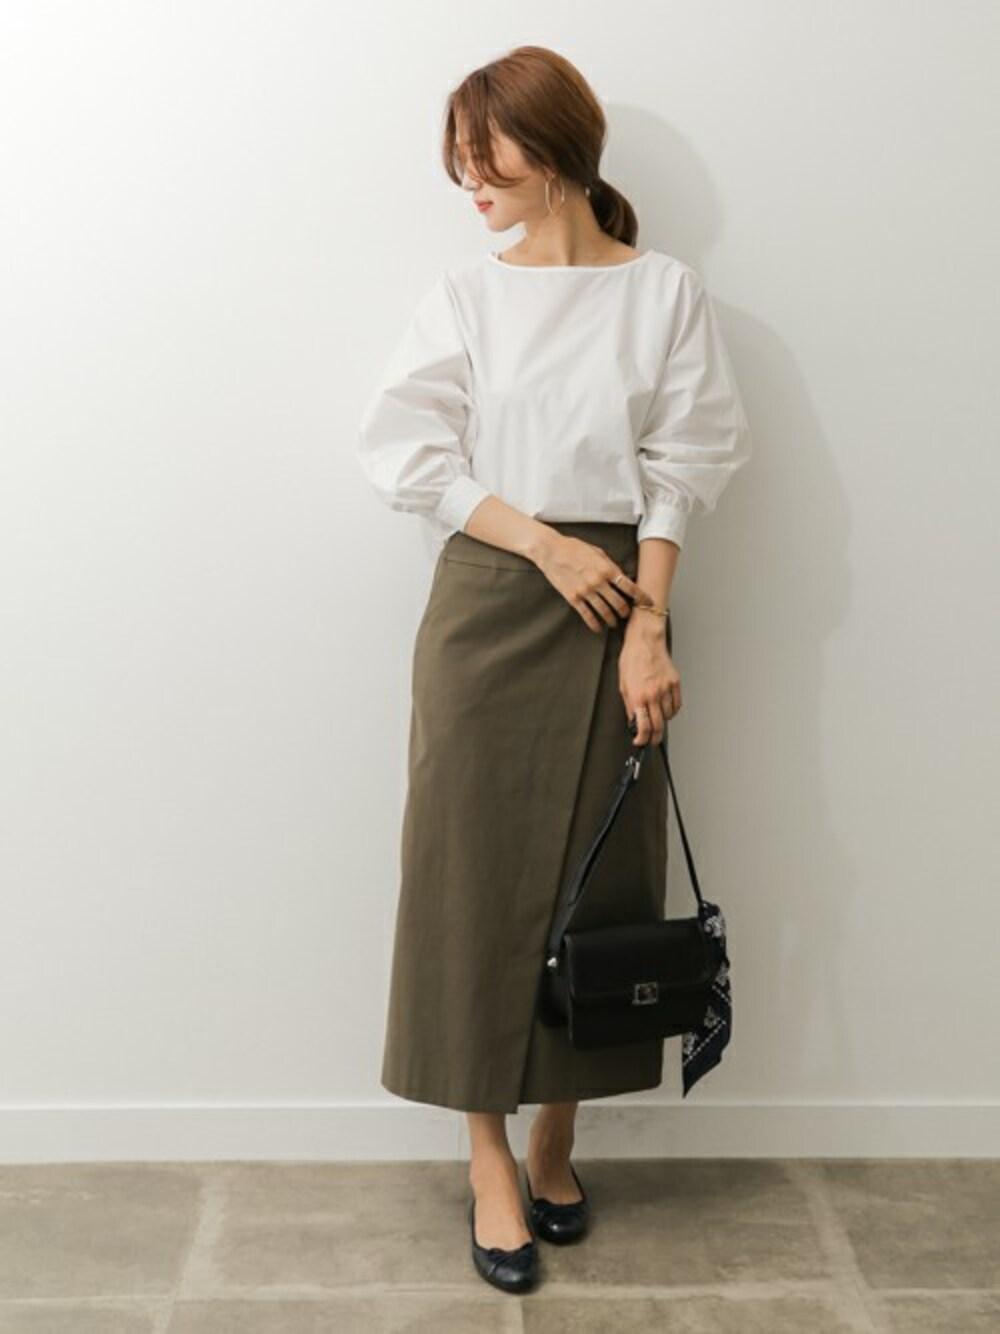 保育園 相談会 カーキのスカートとシャツ 30代